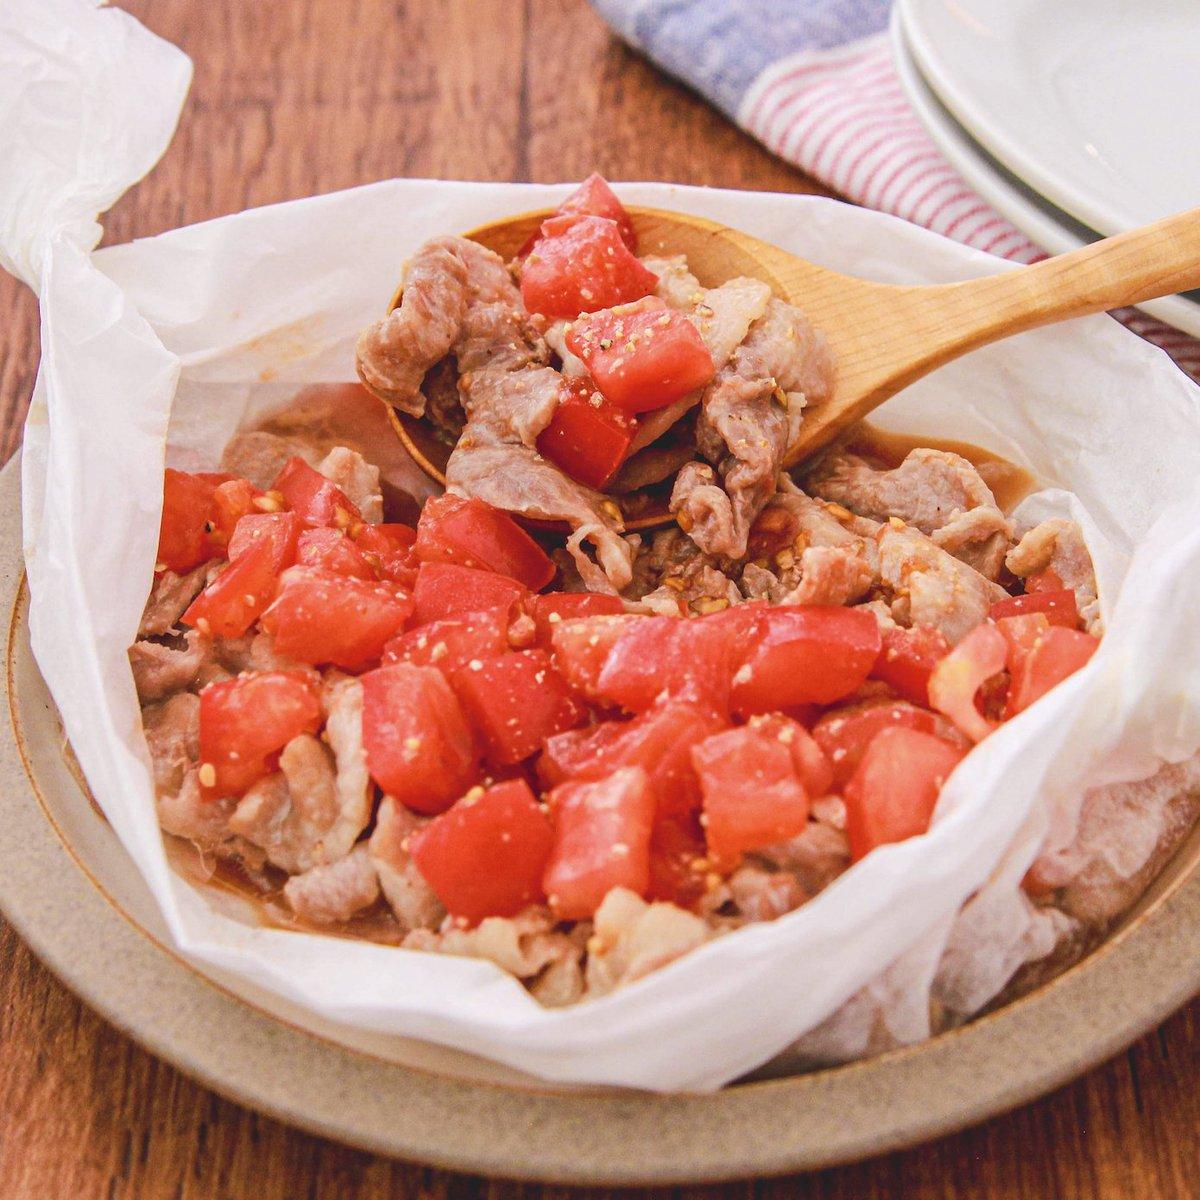 しっとり豚バラを簡単美味しく食べる方法!クッキングシートで包むだけ。